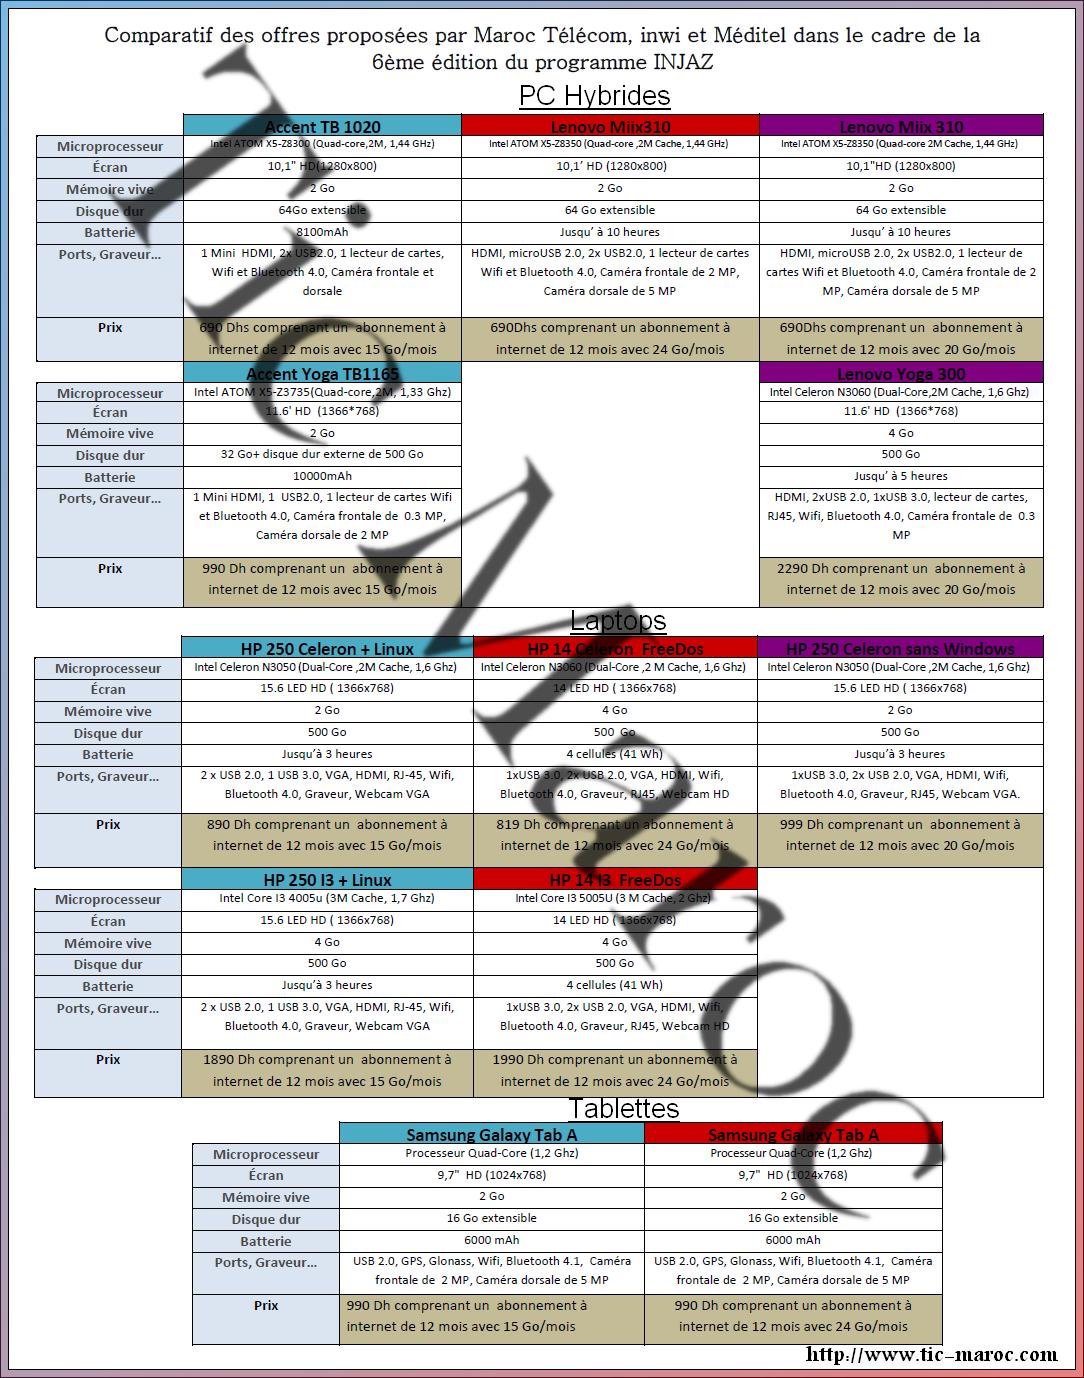 comparatif des offres injaz proposees par maroc telecom inwi nouveau meditel iam accent tablette marjane cliquez sur pour afficher taille reelle marble end table target corner